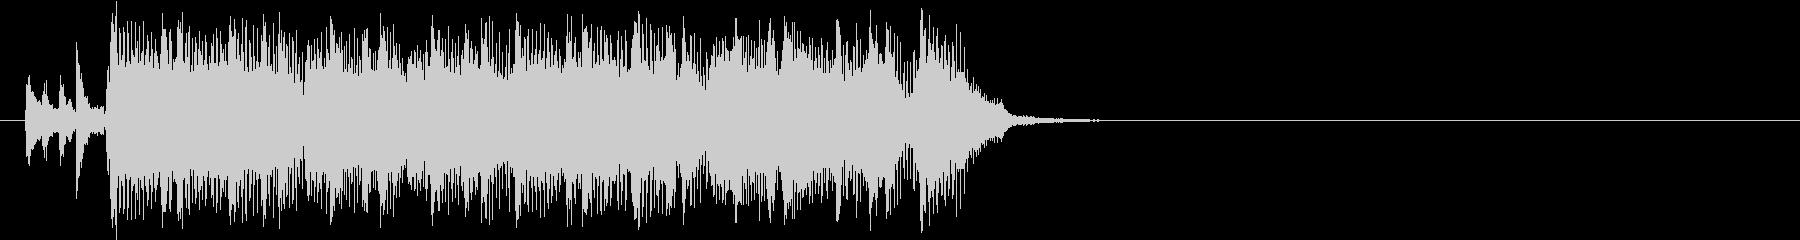 ハード・ブギー風ロックなジングルの未再生の波形